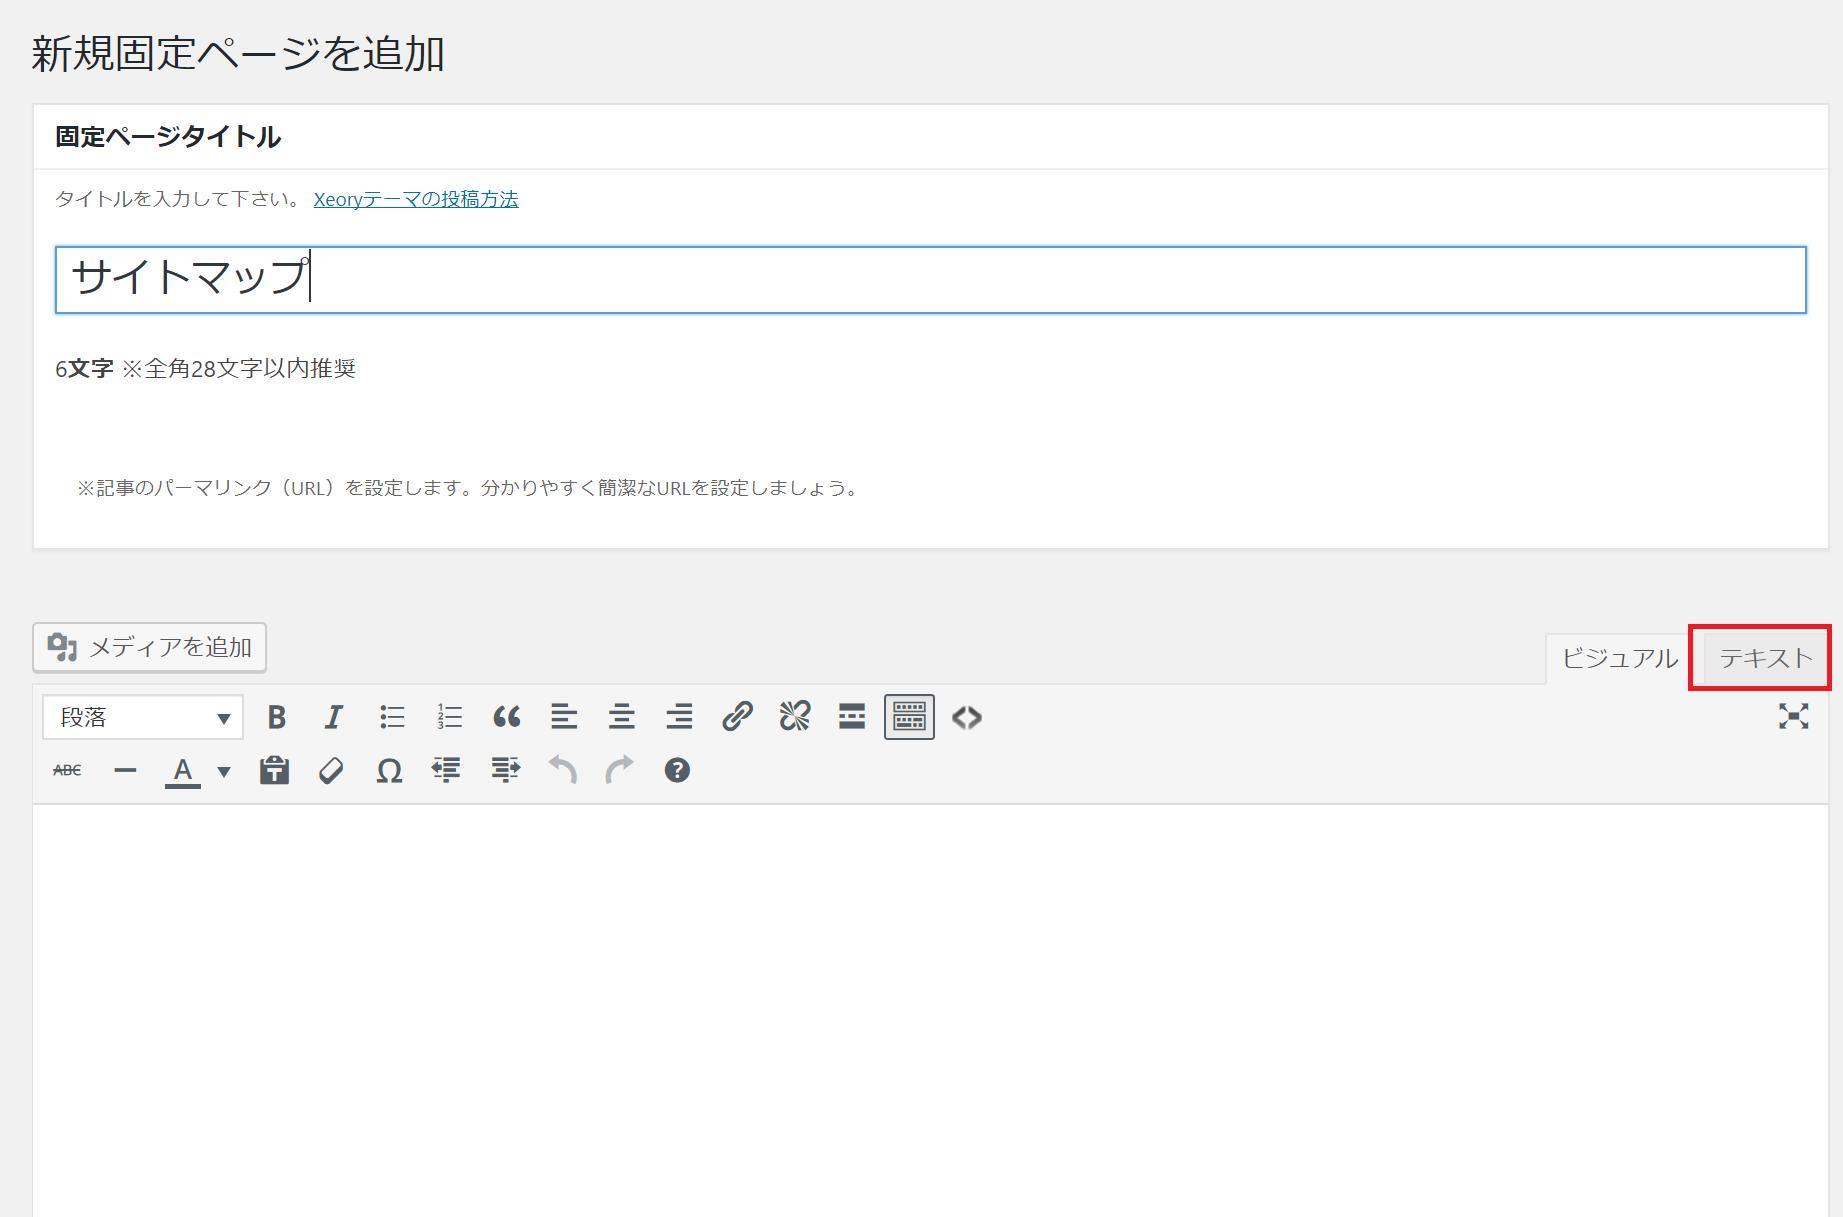 sitemap making - WordPressのサイトマップの作成方法!おすすめプラグイン4つも紹介